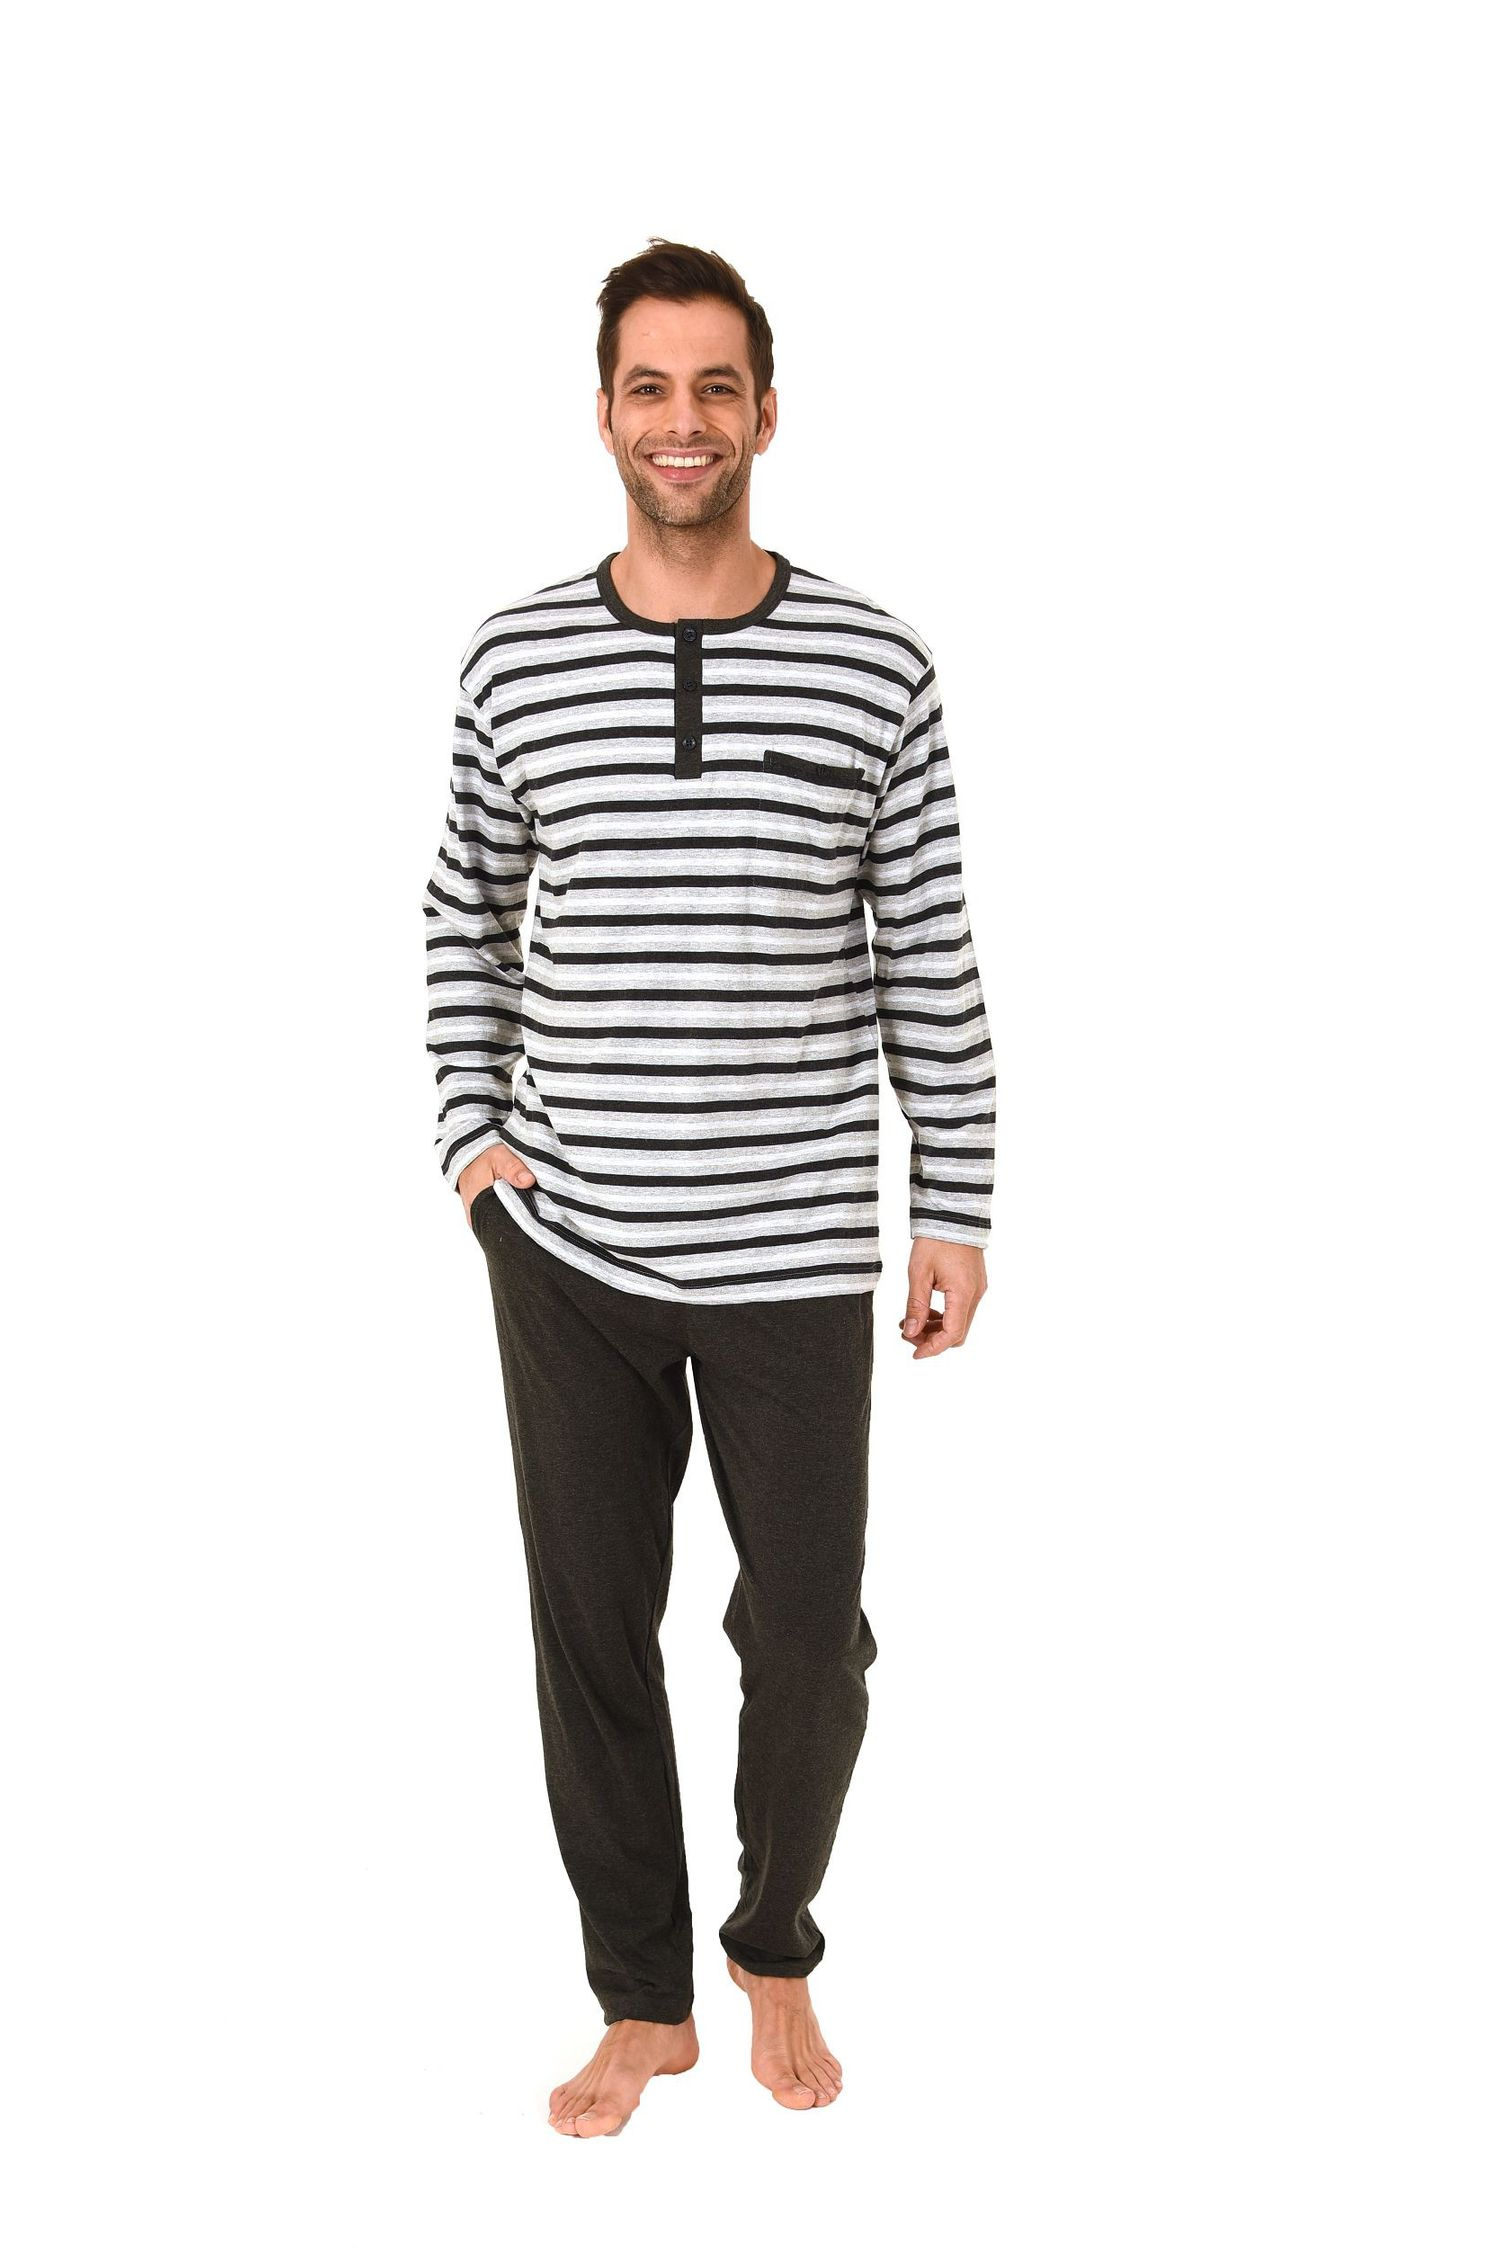 size 40 8e81f 6f7cb Lässiger Herren Pyjama lang in Streifenoptik und Knopfleiste am Hals – 271  101 90 773